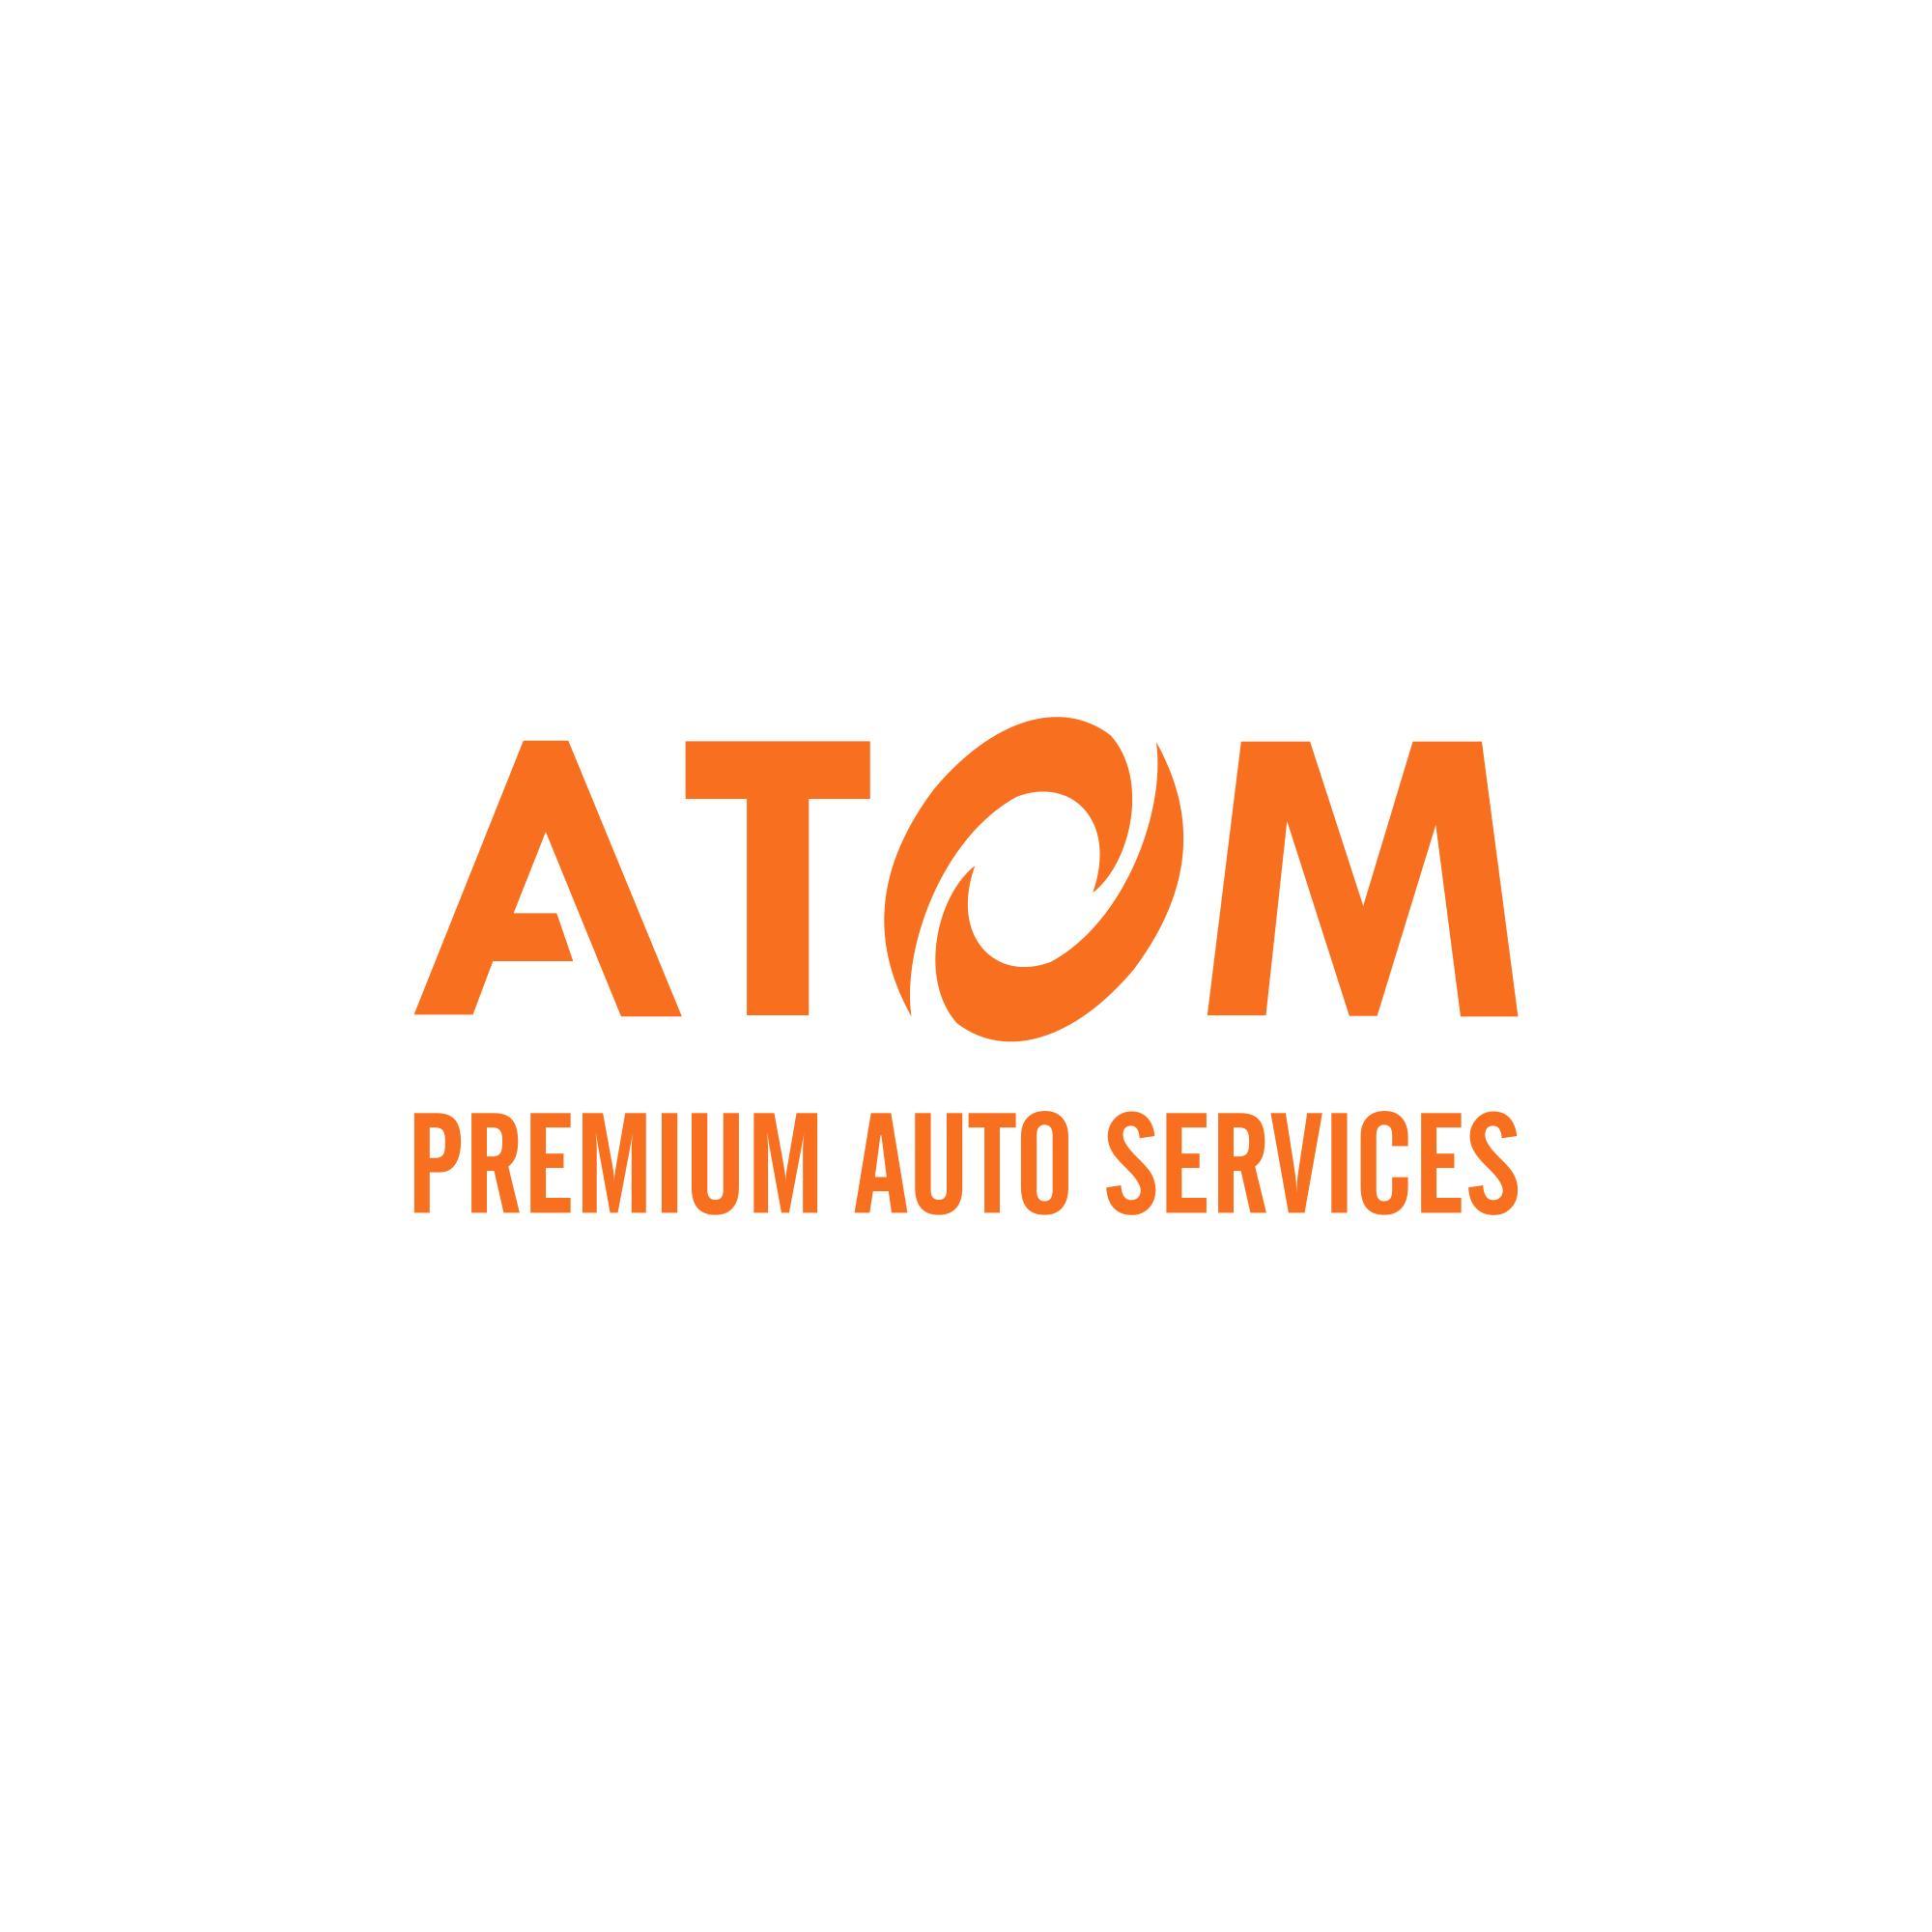 ATOM Premium Auto Services